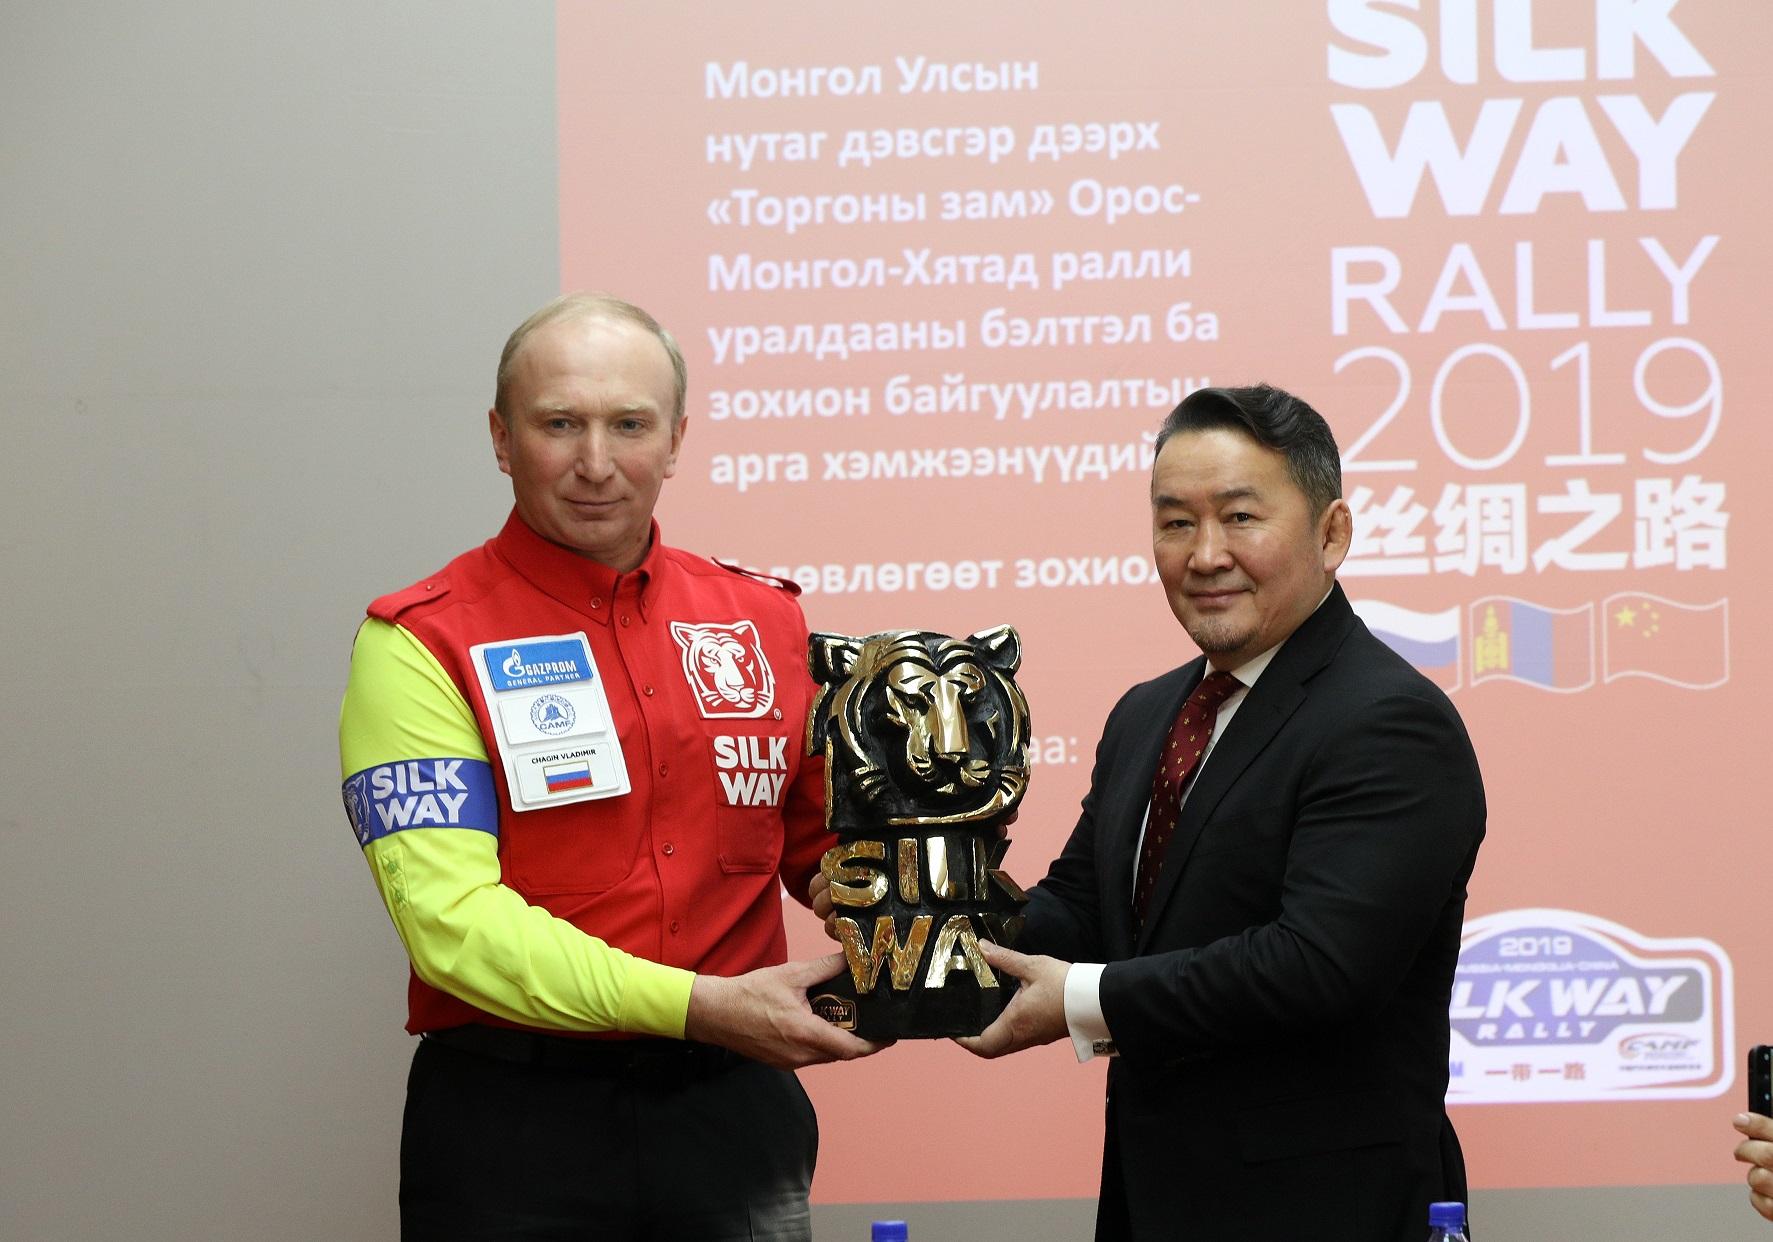 """""""Торгоны зам"""" авто ралли ОХУ-Монгол Улс-БНХАУ гэсэн чиглэлд зохиогдоно"""